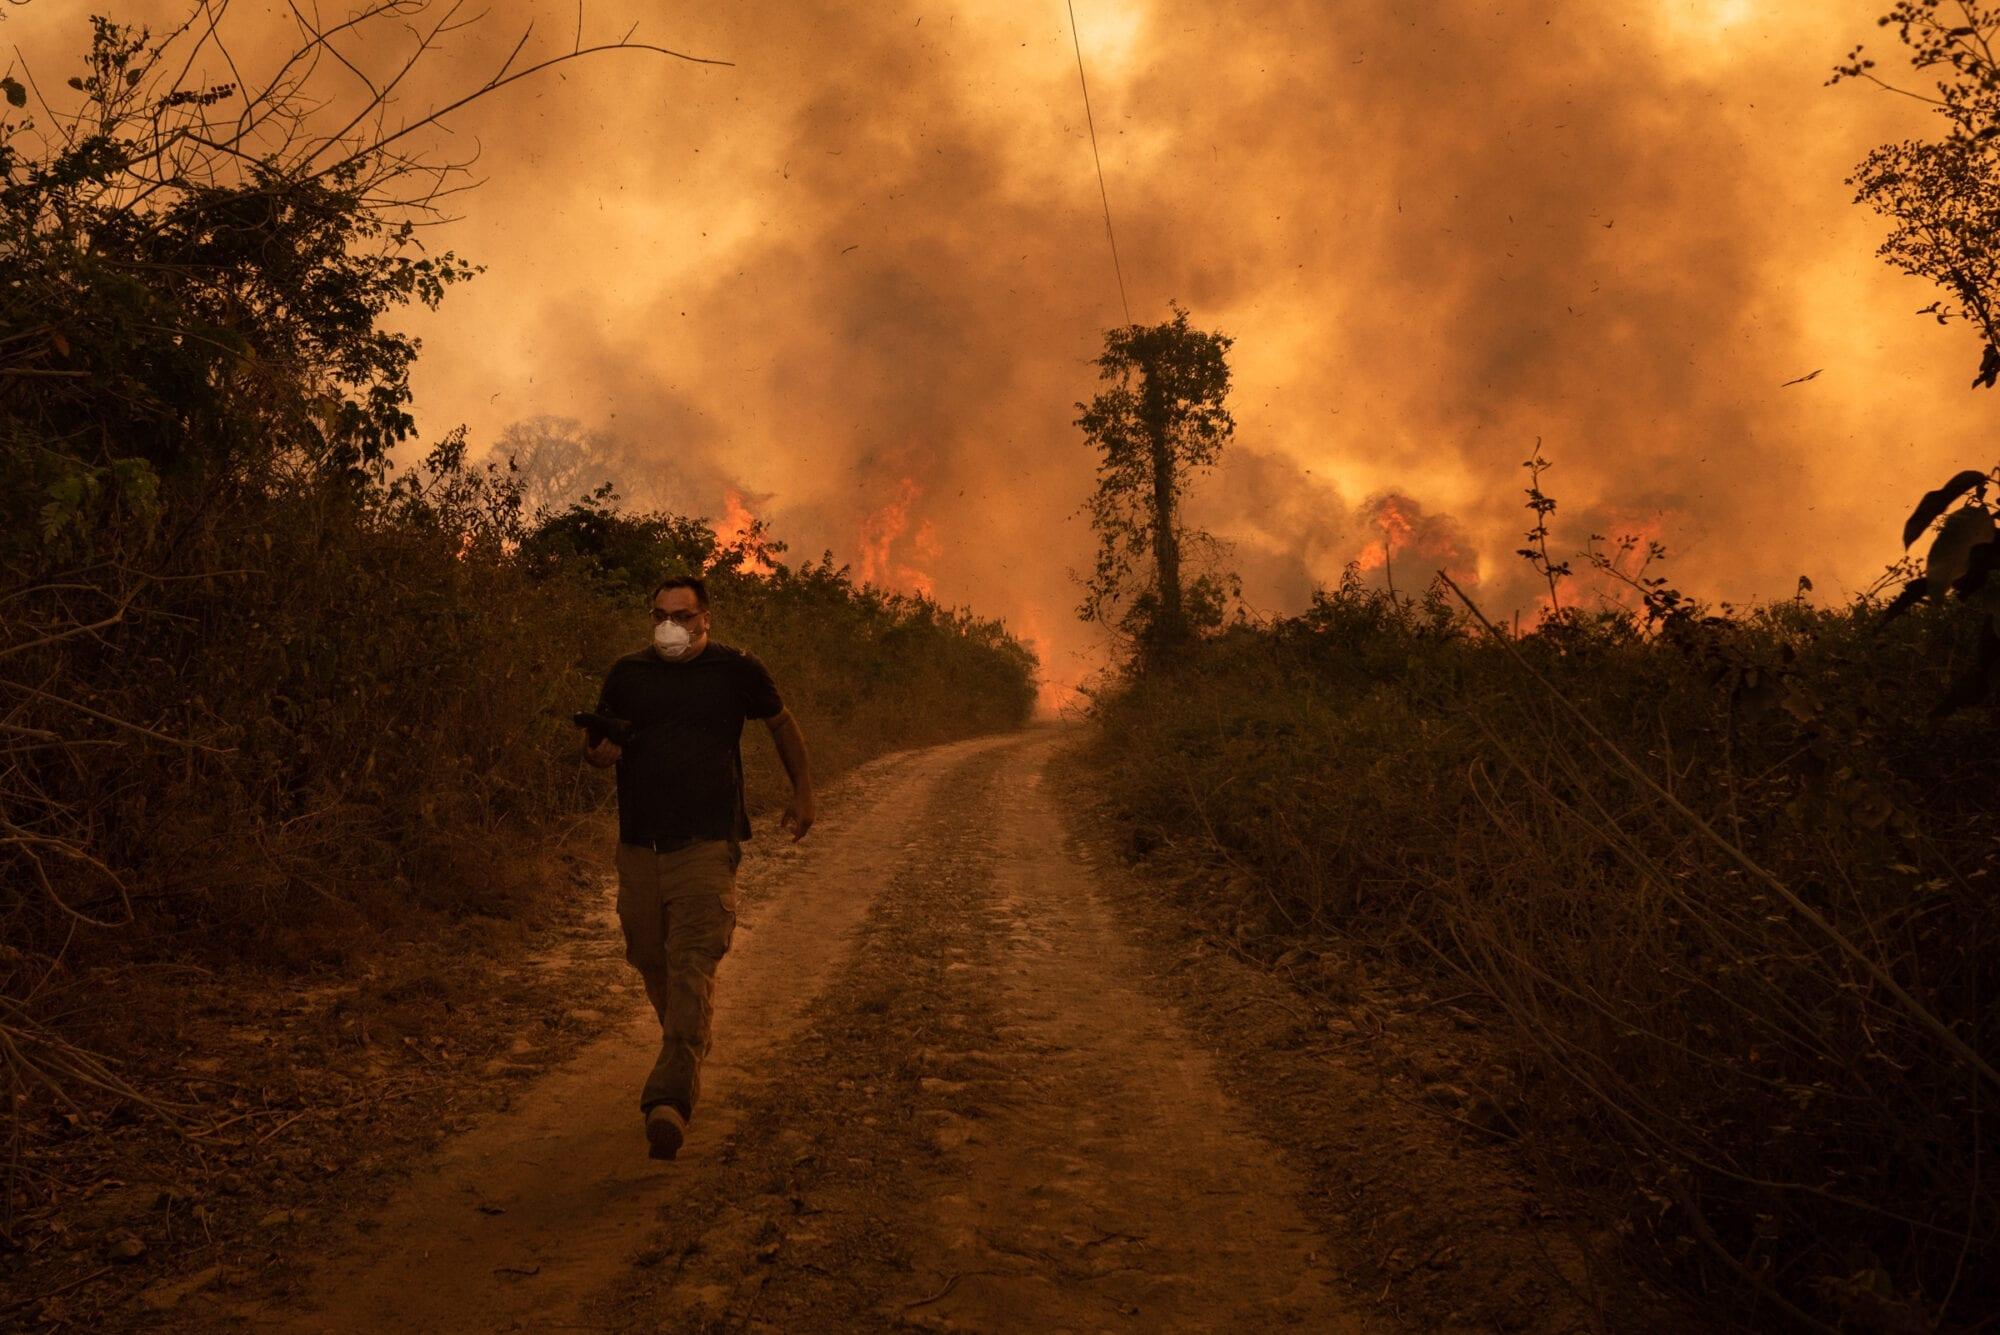 潘塔納爾大火失控,迫使居民逃離。